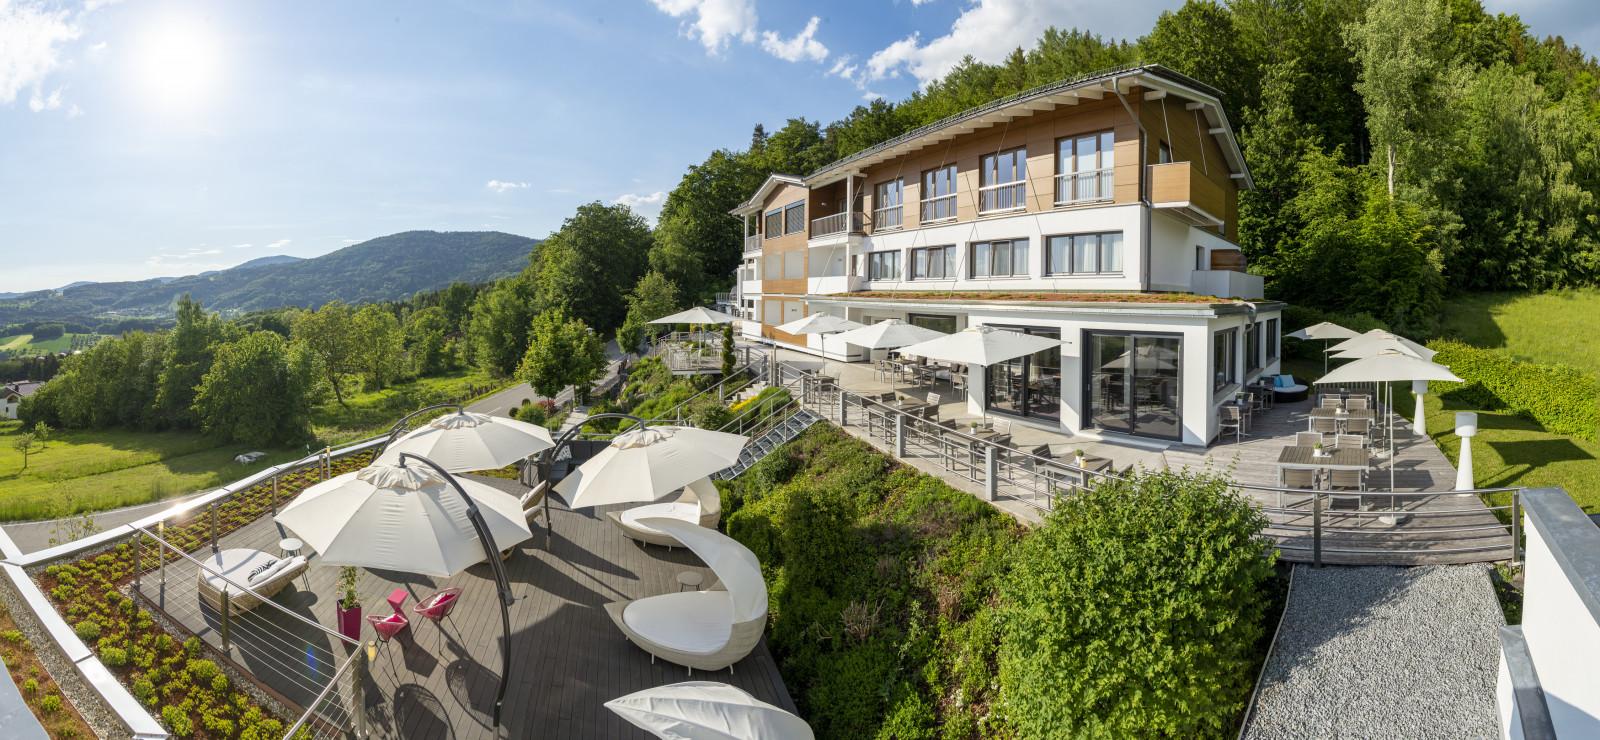 Thula Wellness-Hotel Bayerischer Wald Bilder | Bild 1